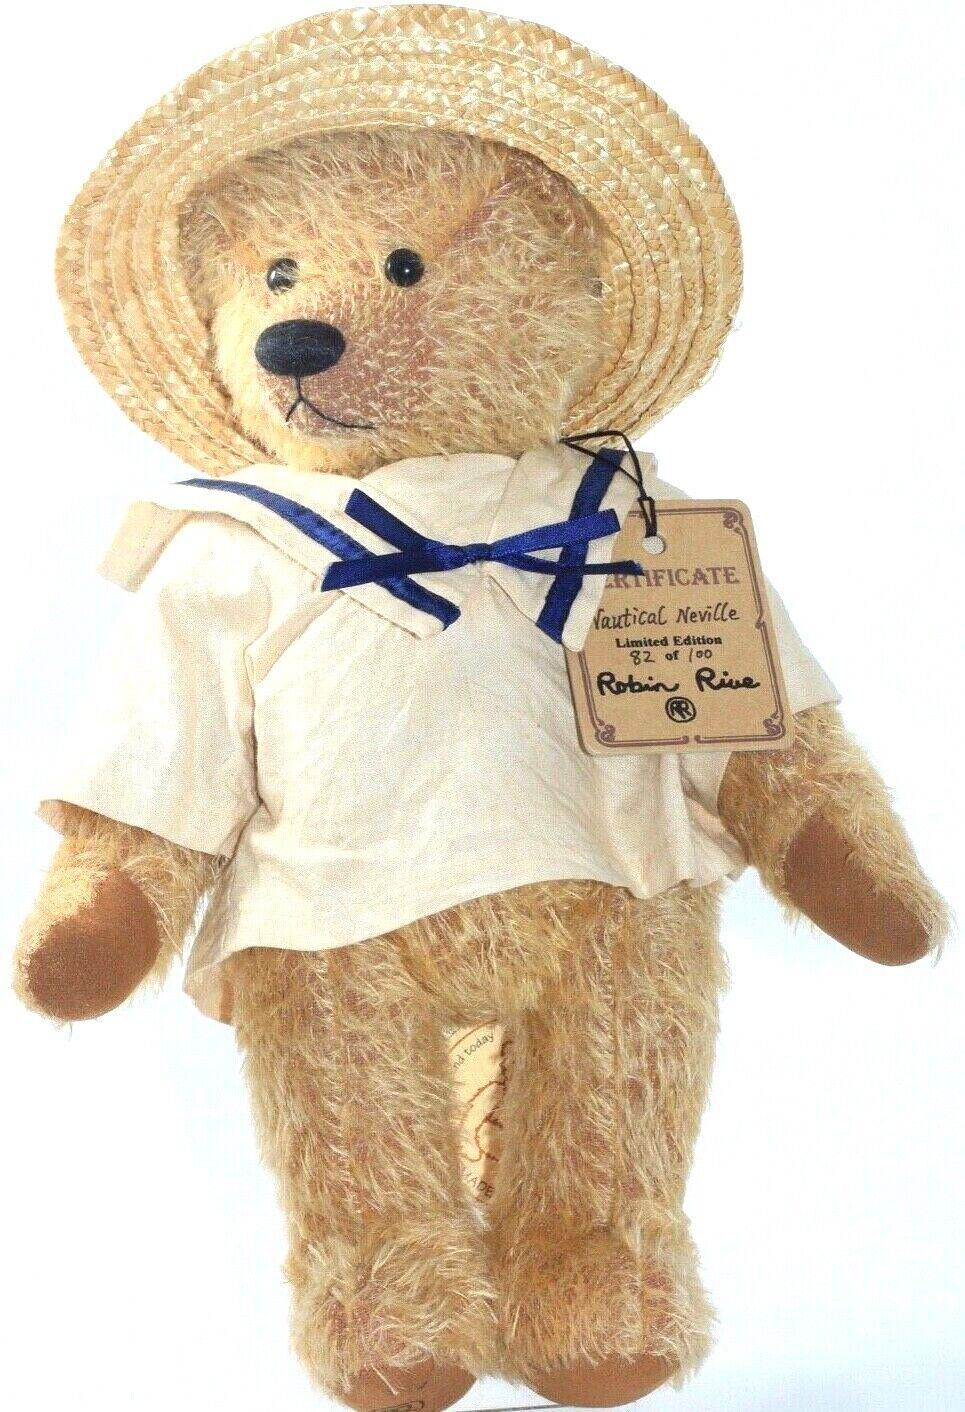 Teddy Bears-Robin Rive * Nautico Neville * N. 82 del 100 EDIZIONE LIMITATA